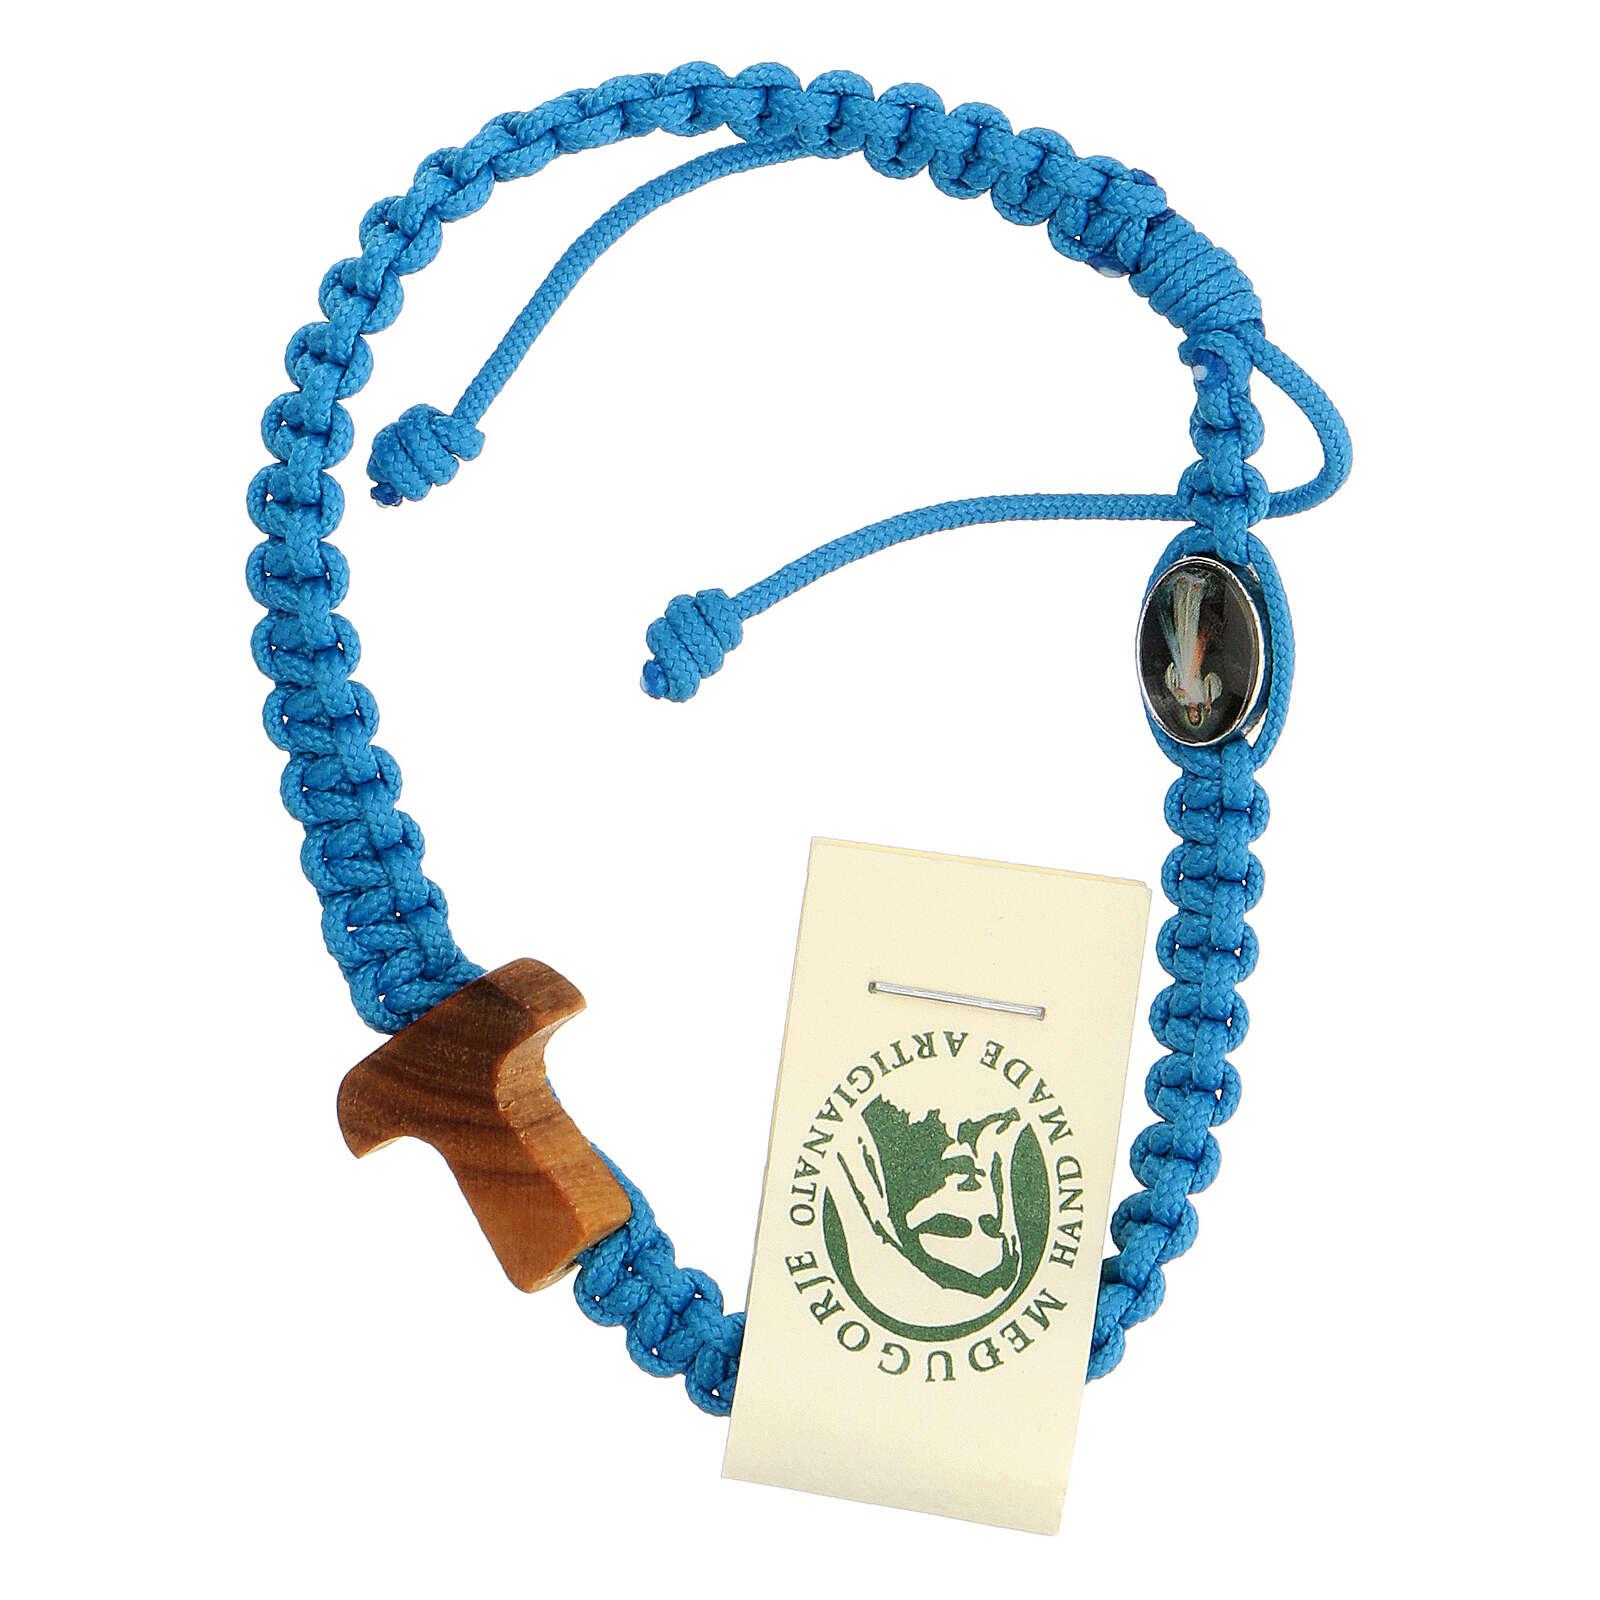 Bransoleta sznurkowa Medziugorie krzyż drewno oliwne sznurek błękitny 4